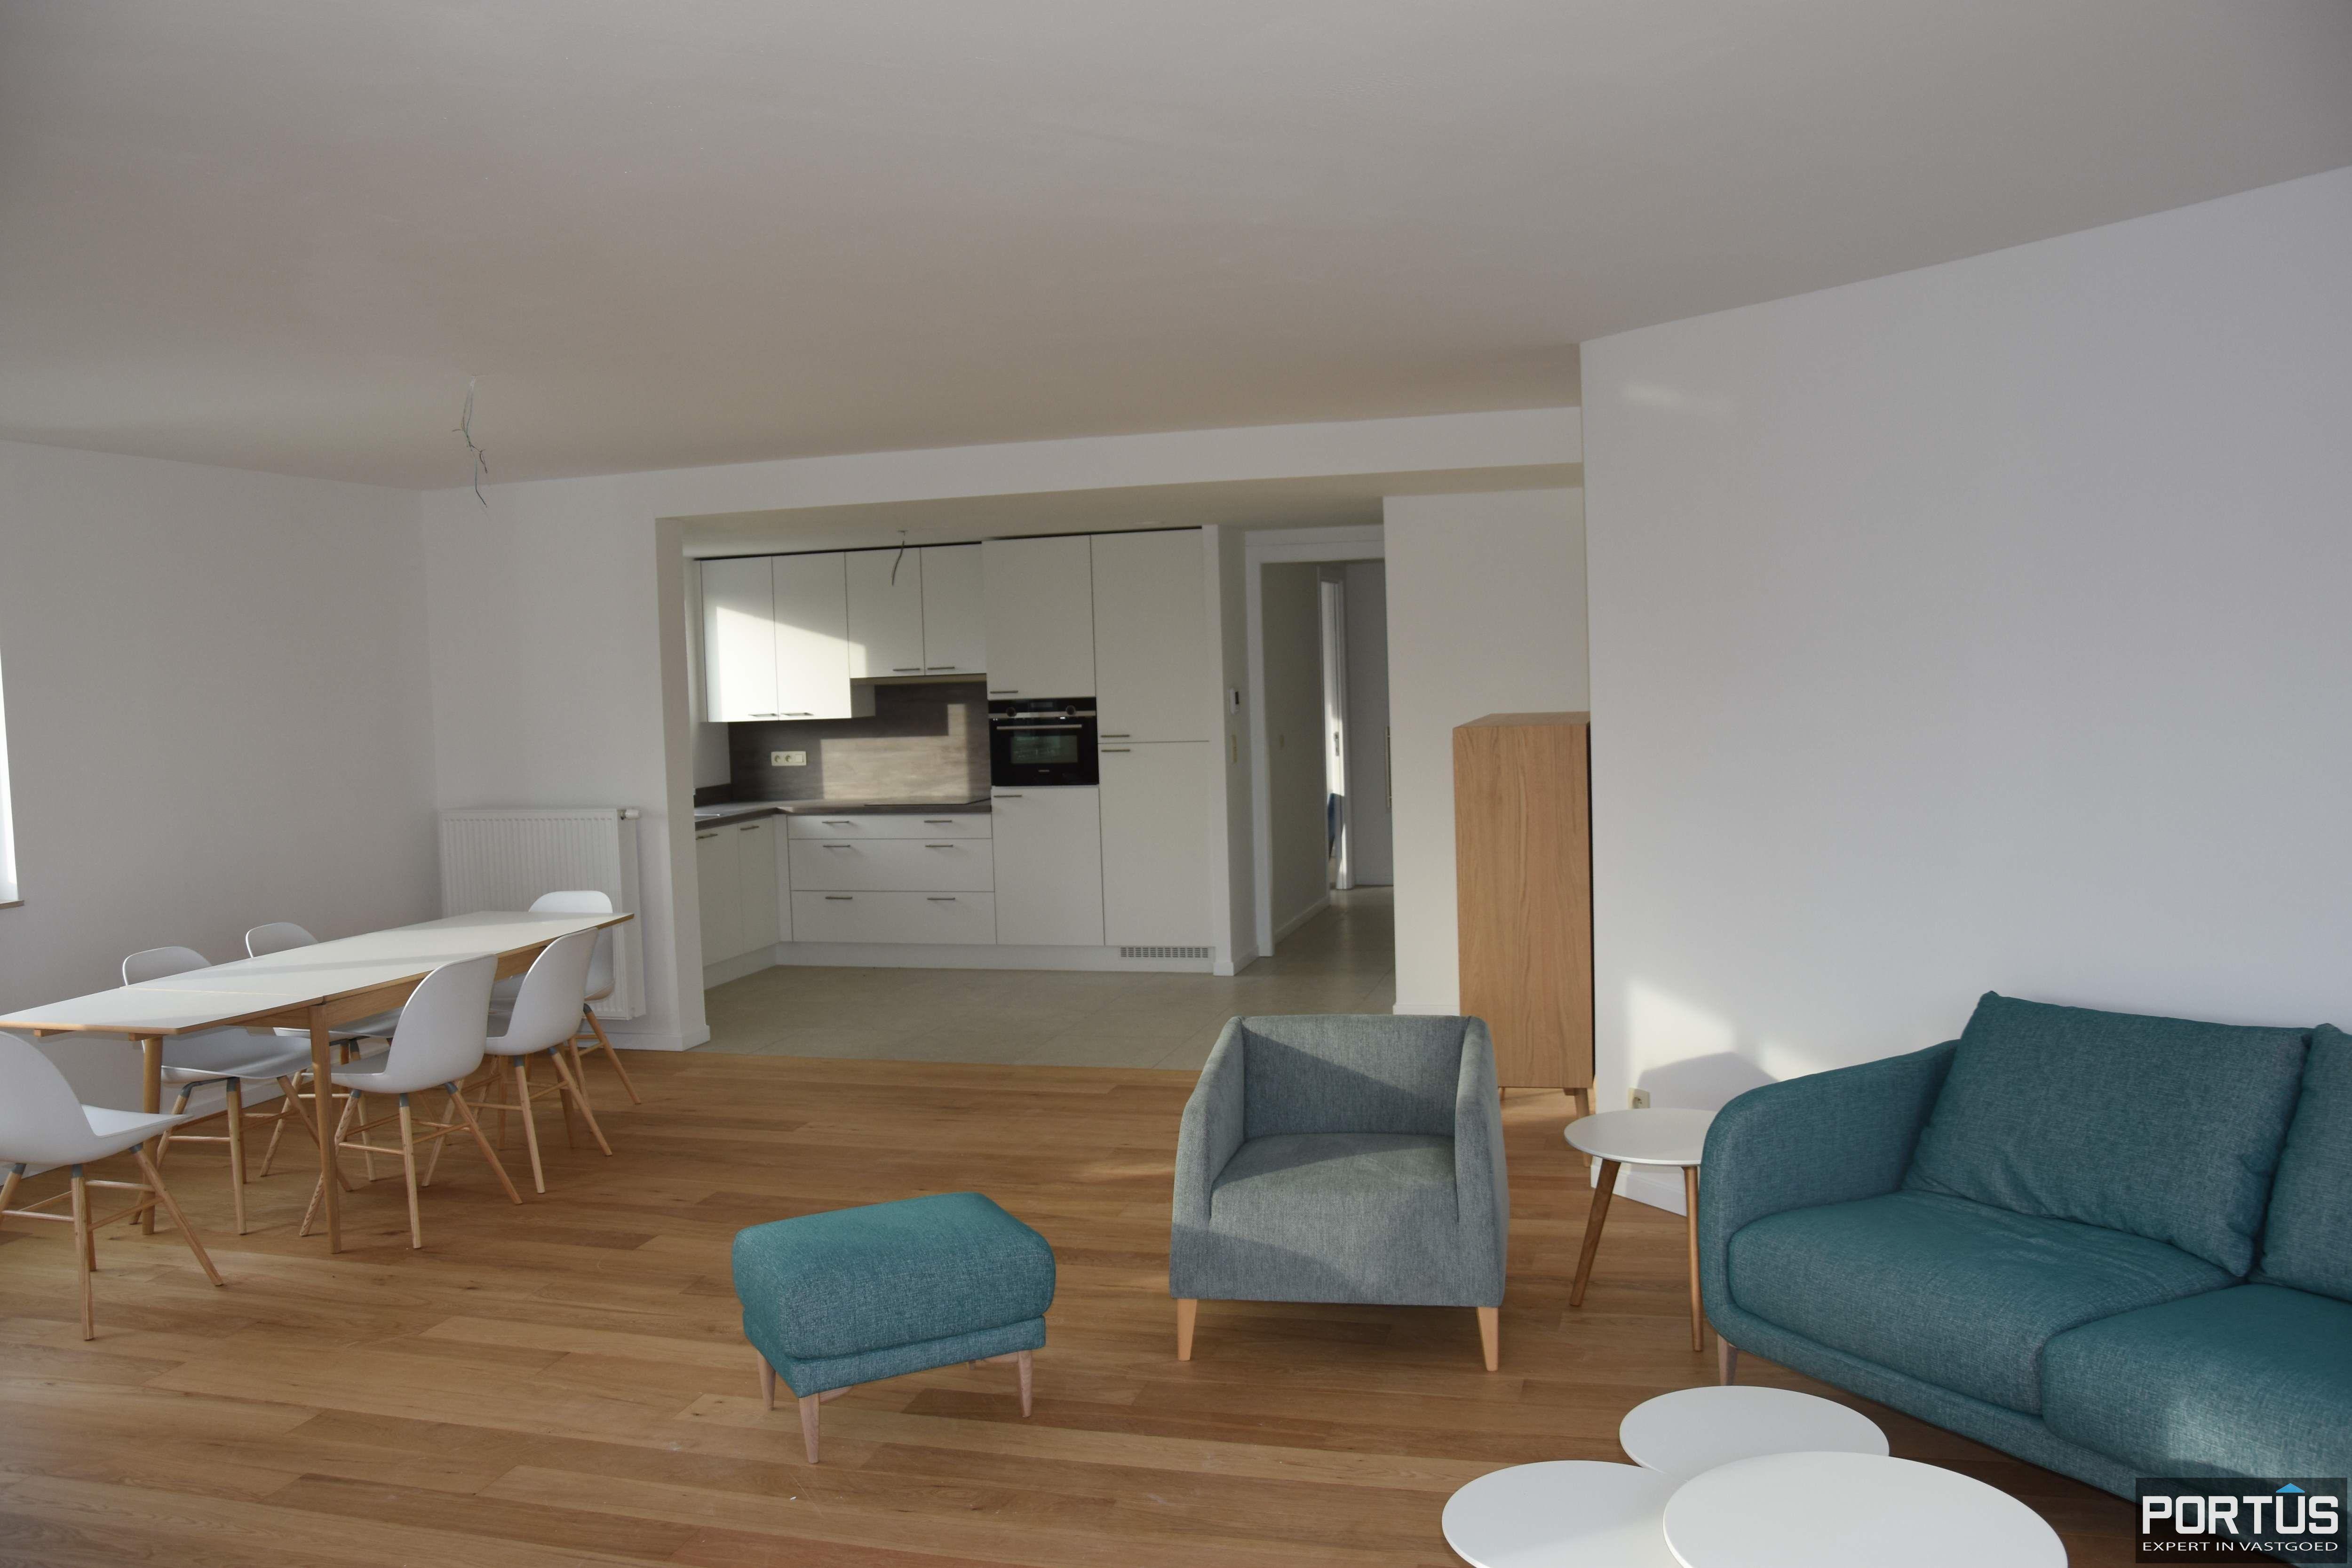 Appartement Residentie Villa Crombez Nieuwpoort - 12189